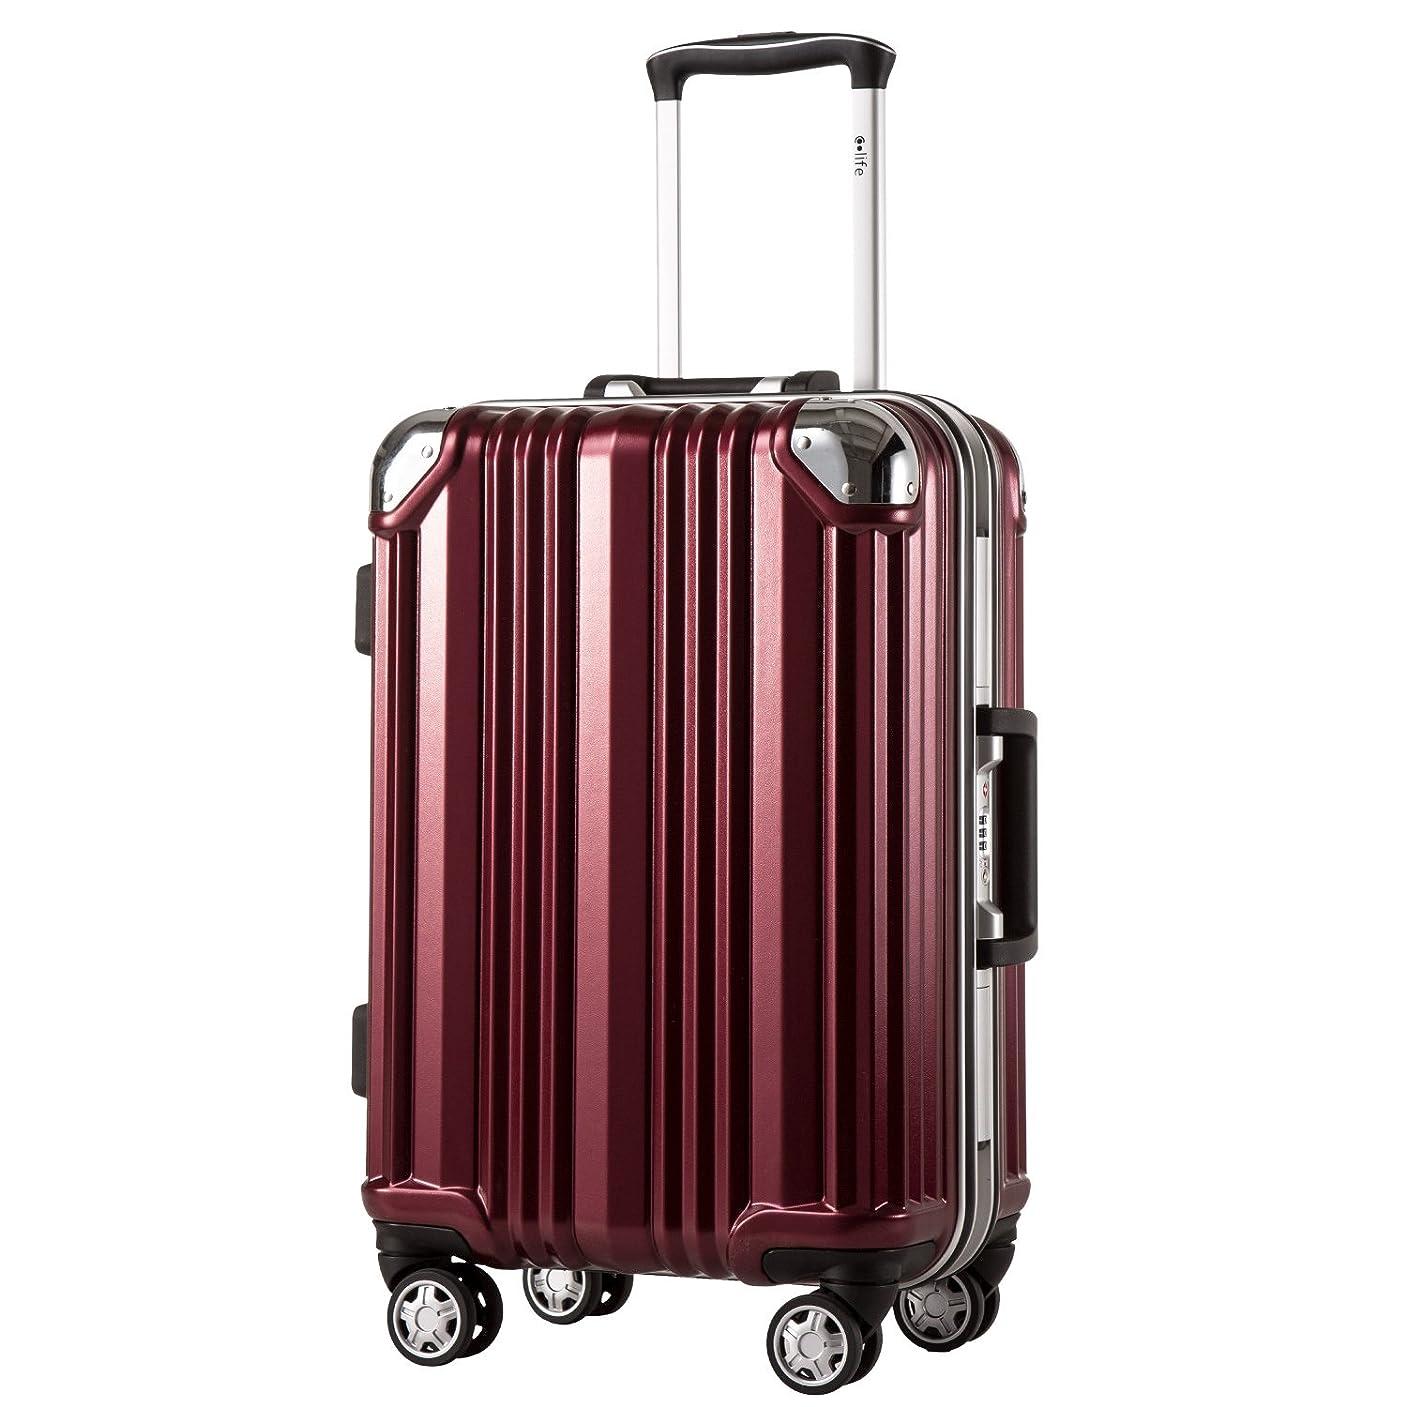 小包満州民間人[クールライフ] COOLIFE スーツケース キャリーバッグ100%PCポリカーボネート ダブルキャスター 二年安心保証 機内持込 アルミフレーム人気色 超軽量 TSAローク